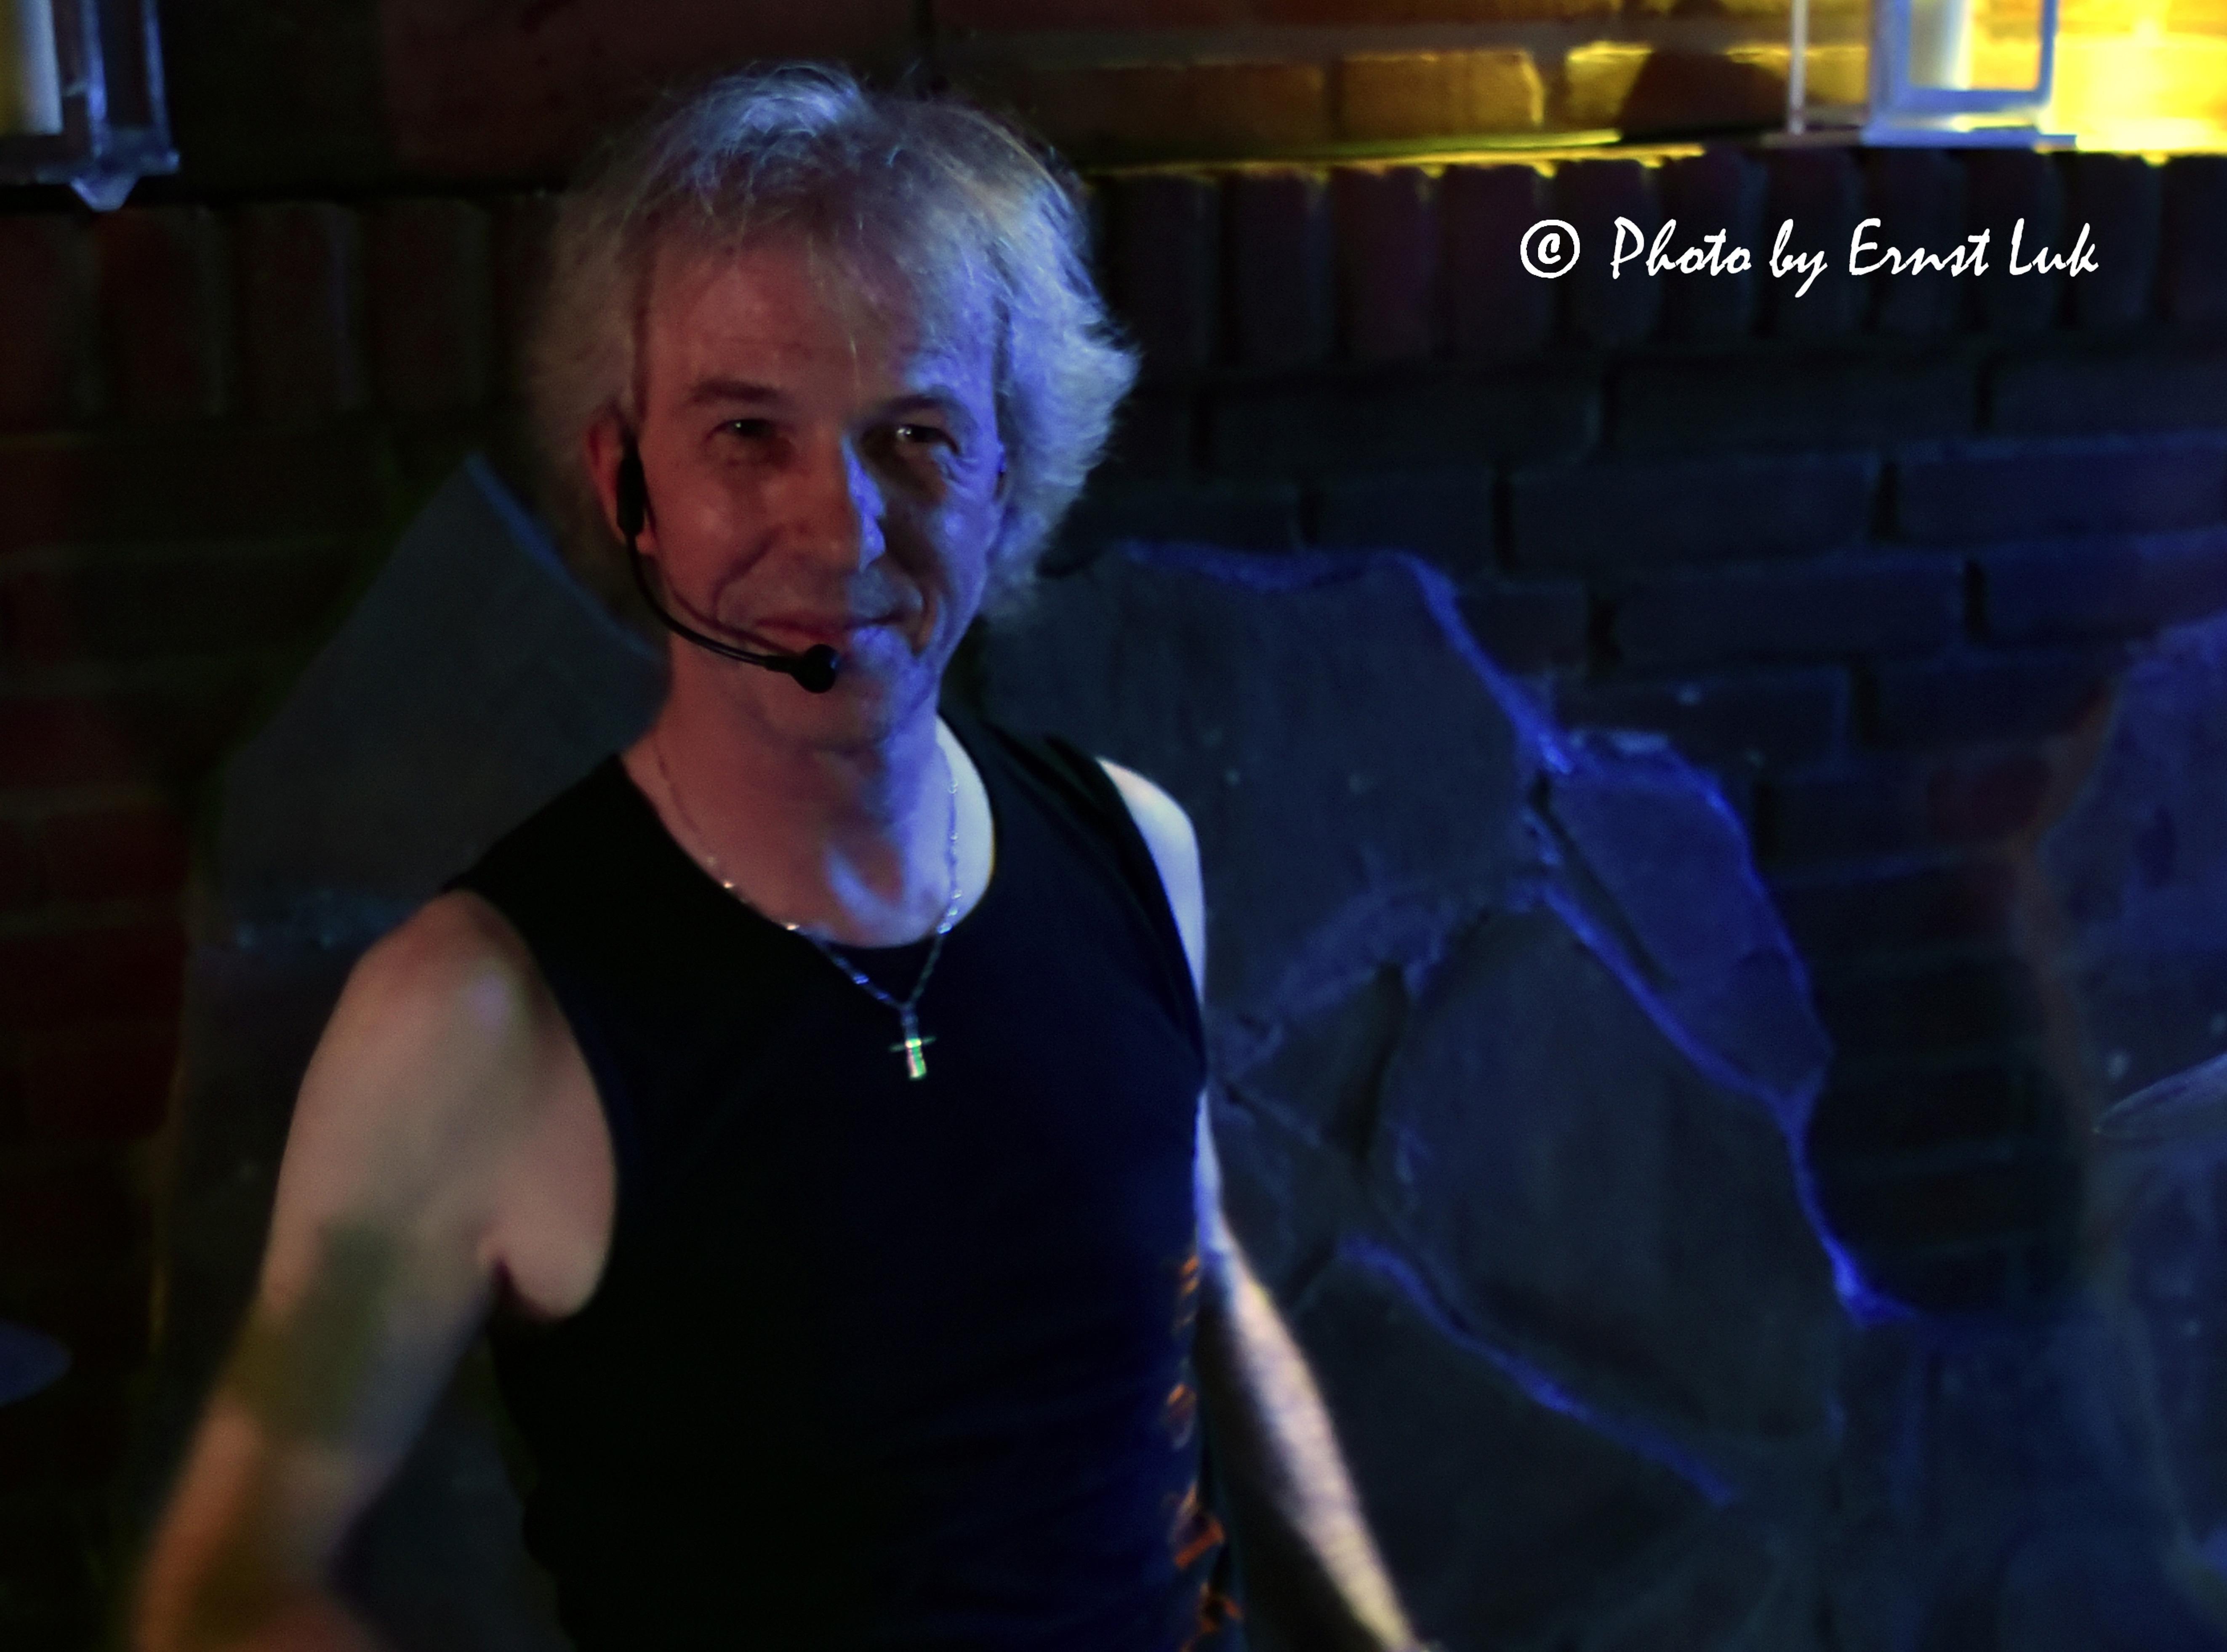 Der Schlagzeuger Martin Rochowiak von der Band Wild@Heart lächelt in die Kamera